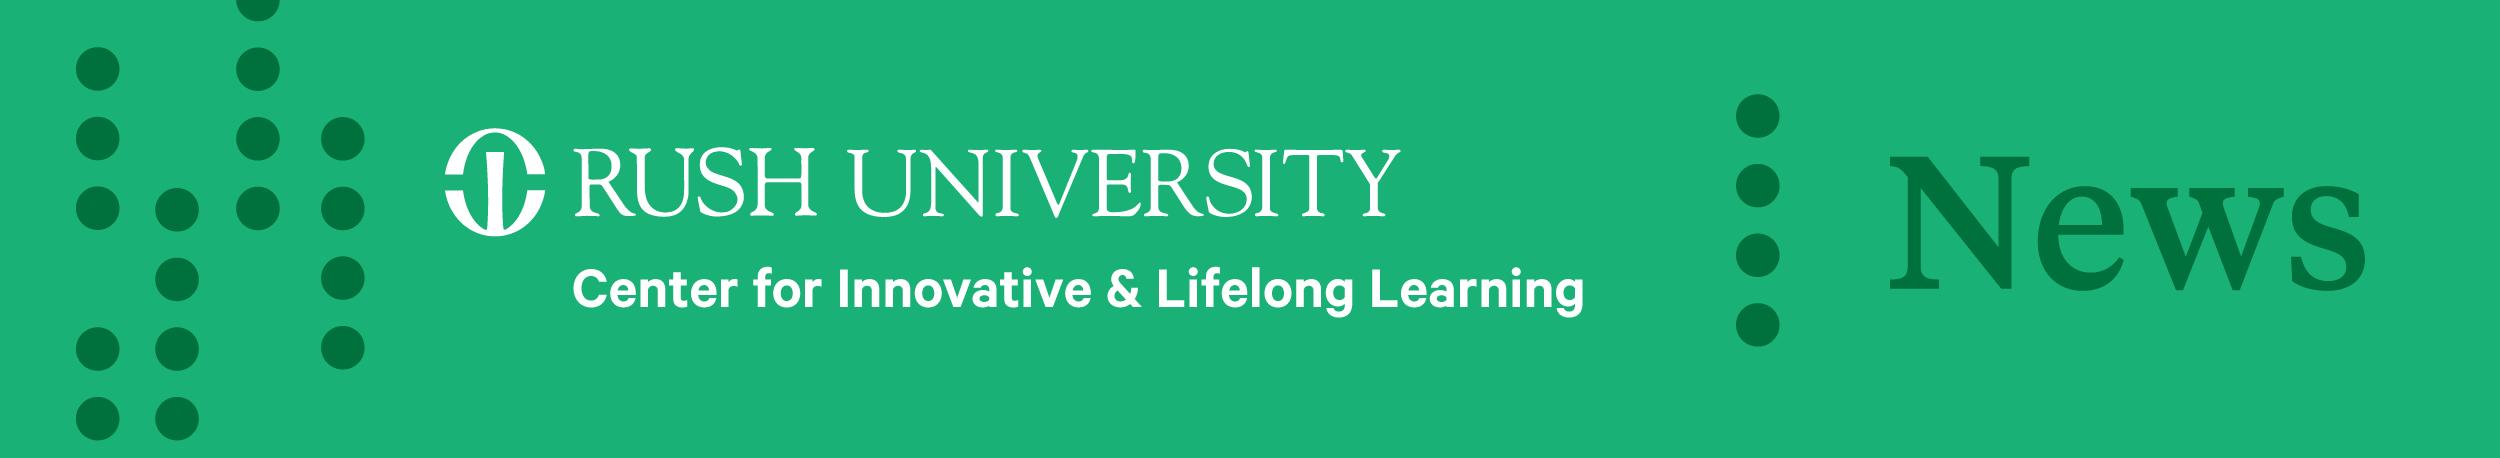 Center for Innovative & Lifelong Learning